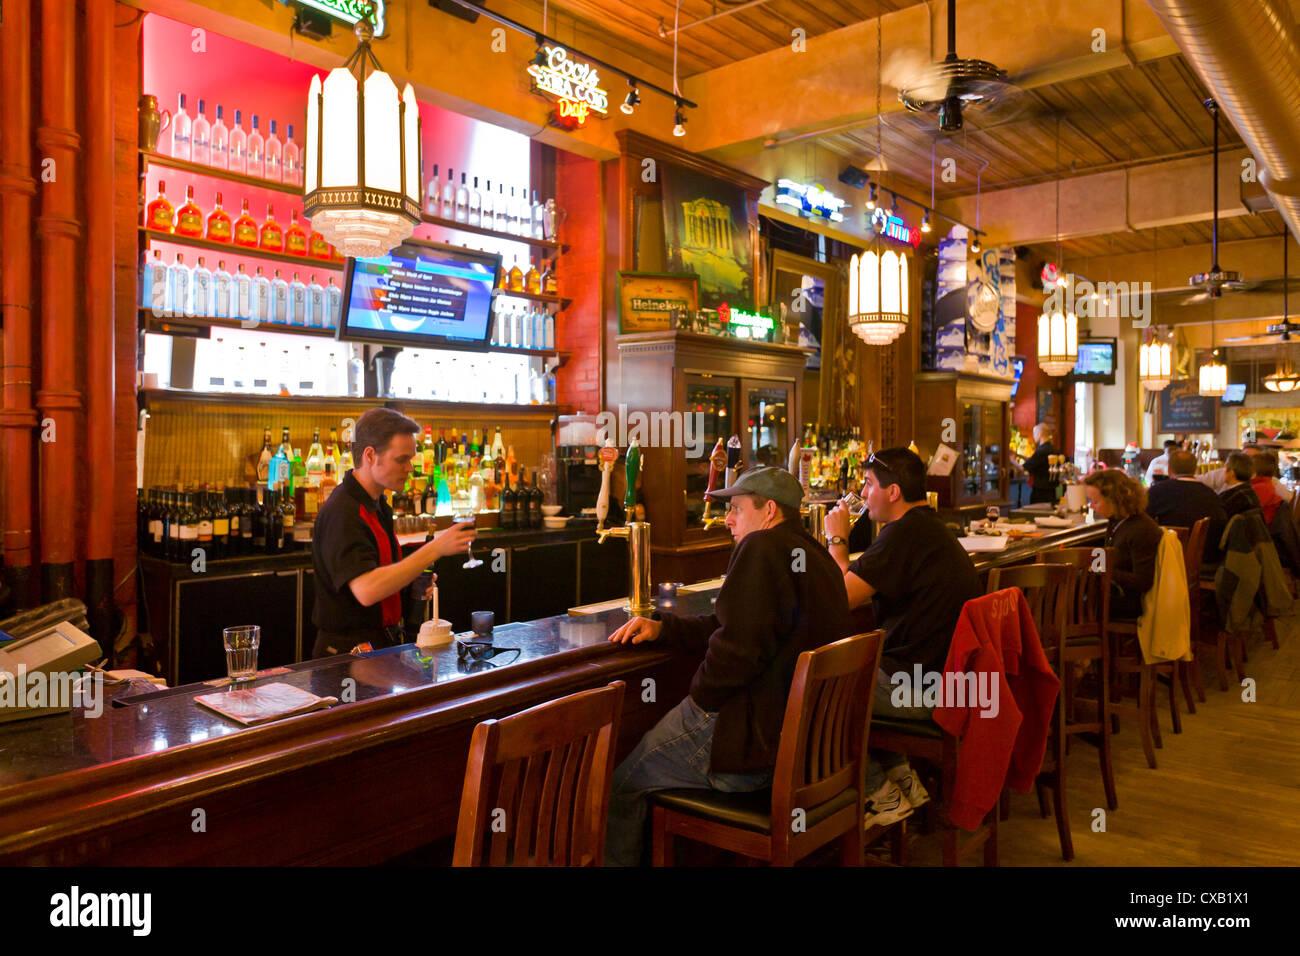 Les clients de prendre un verre dans un pub, Toronto, Ontario, Canada, Amérique du Nord Photo Stock